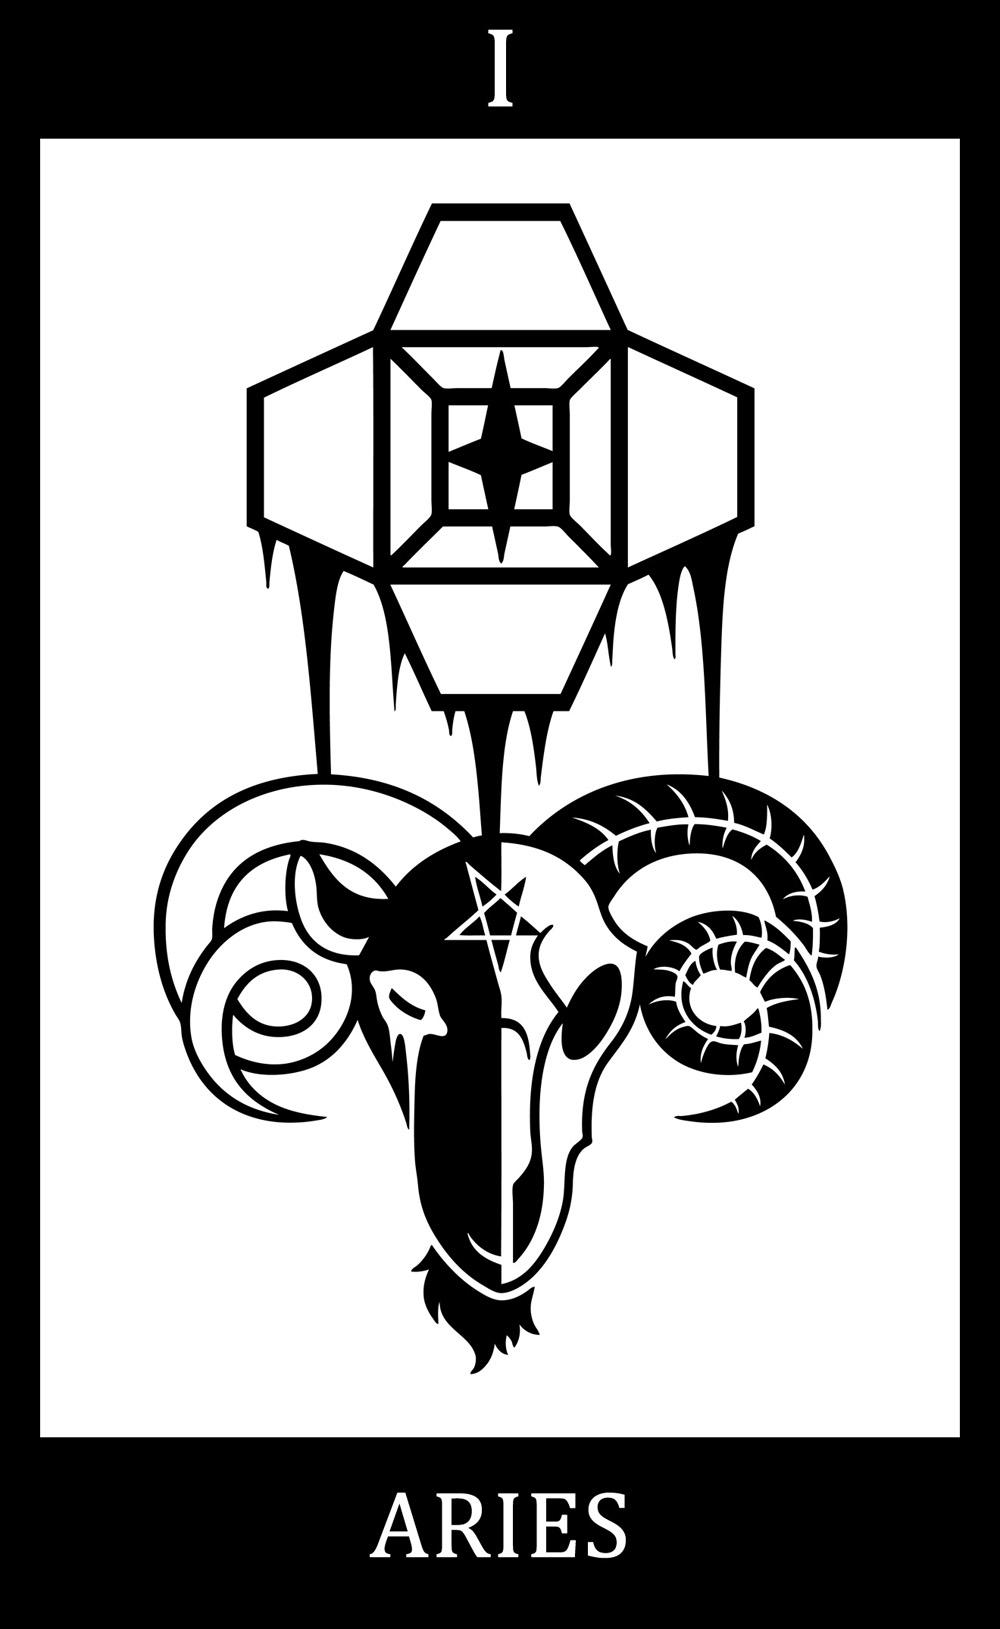 01 - 白羊座 - SCP-1843 - God of Lambs